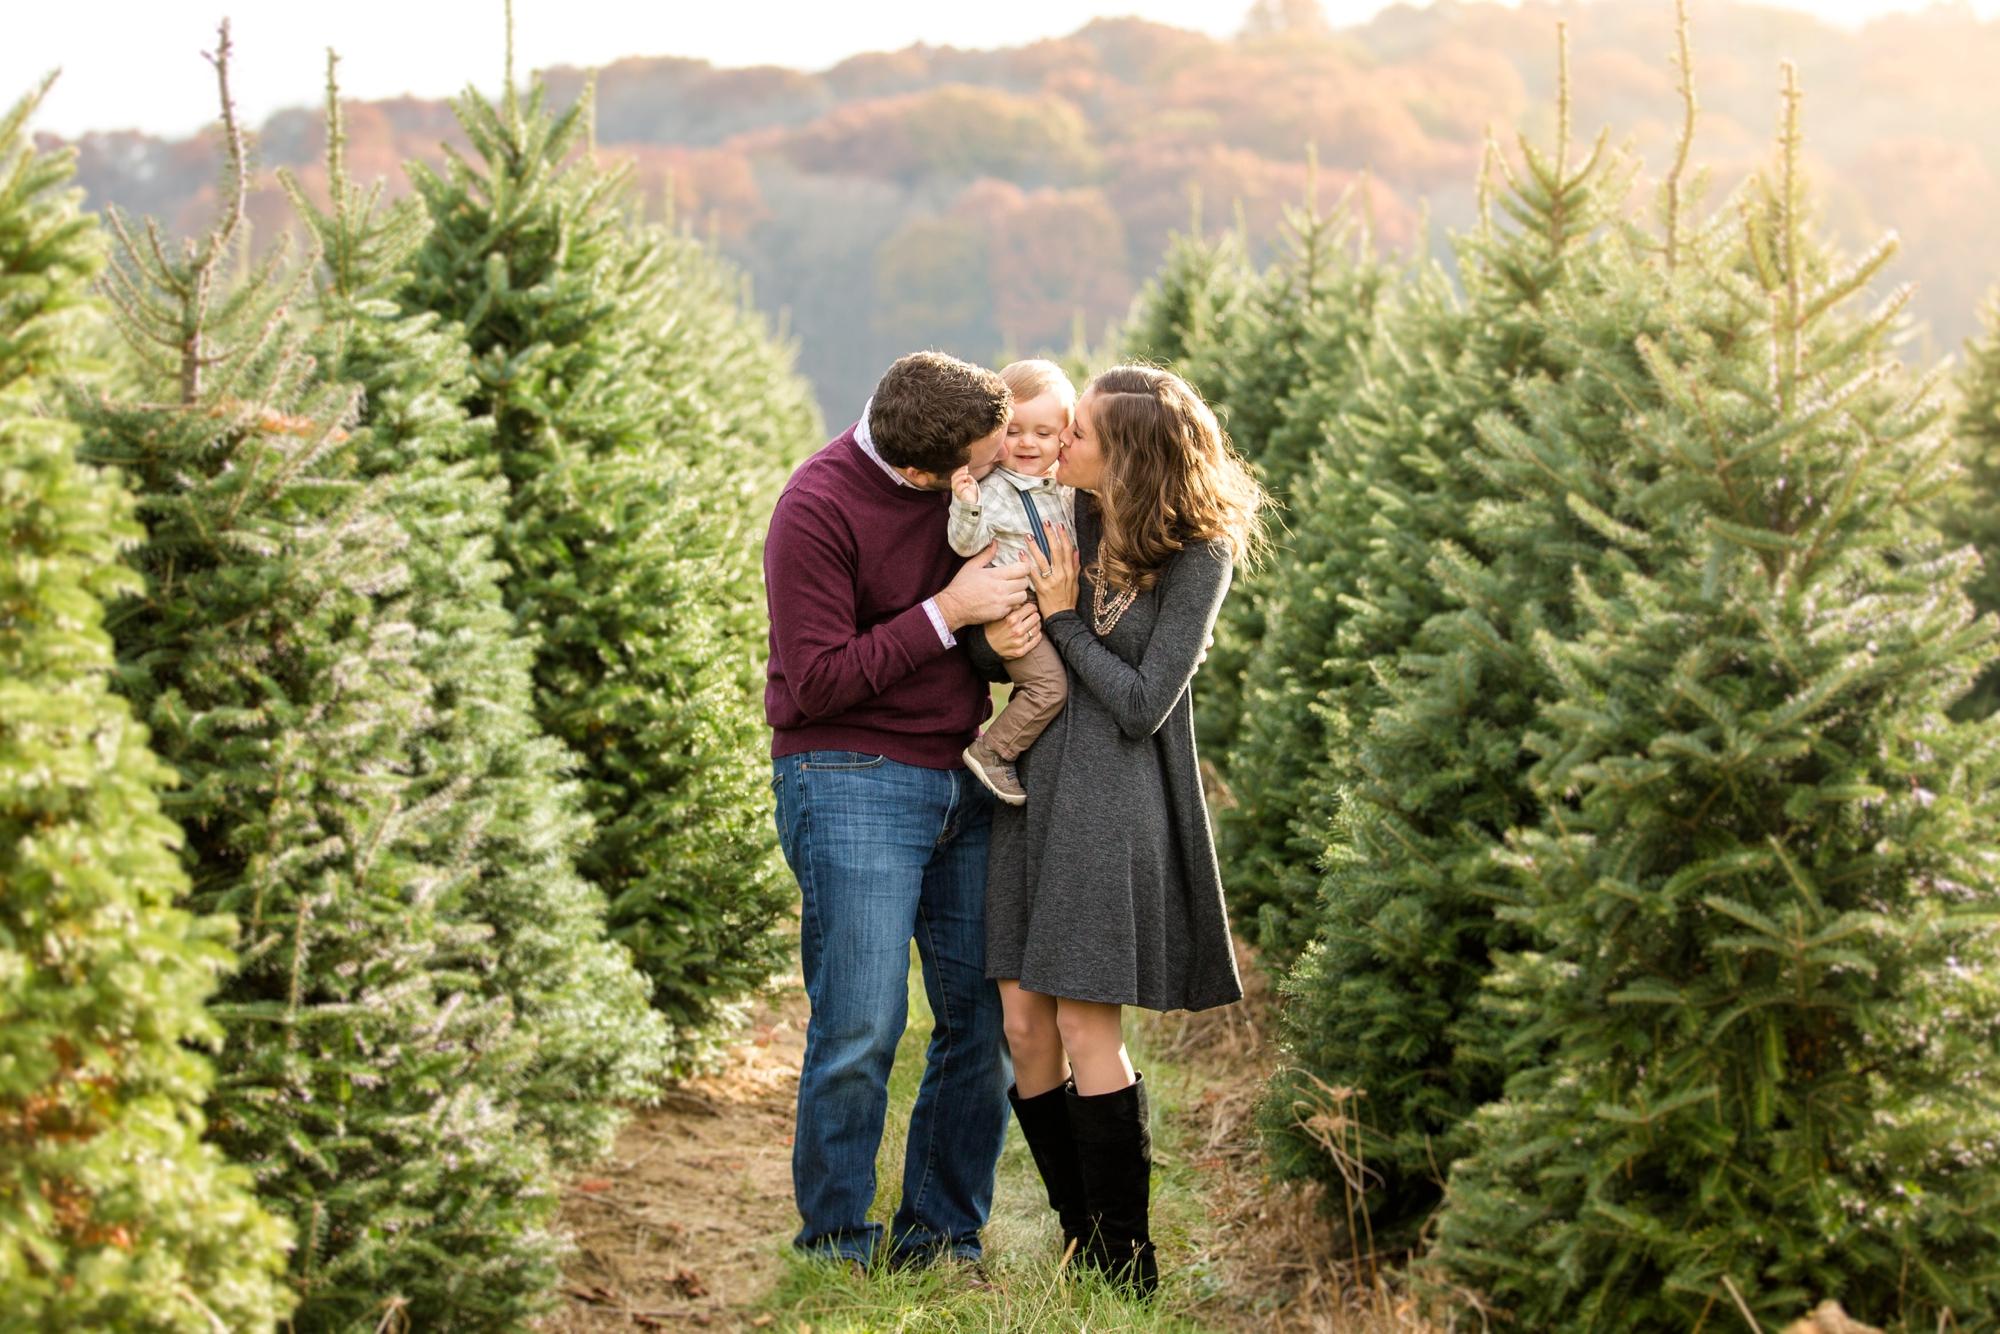 Christmas Tree Farm Family Photos.Jones Family Christmas Tree Farm Family Photos Jenna